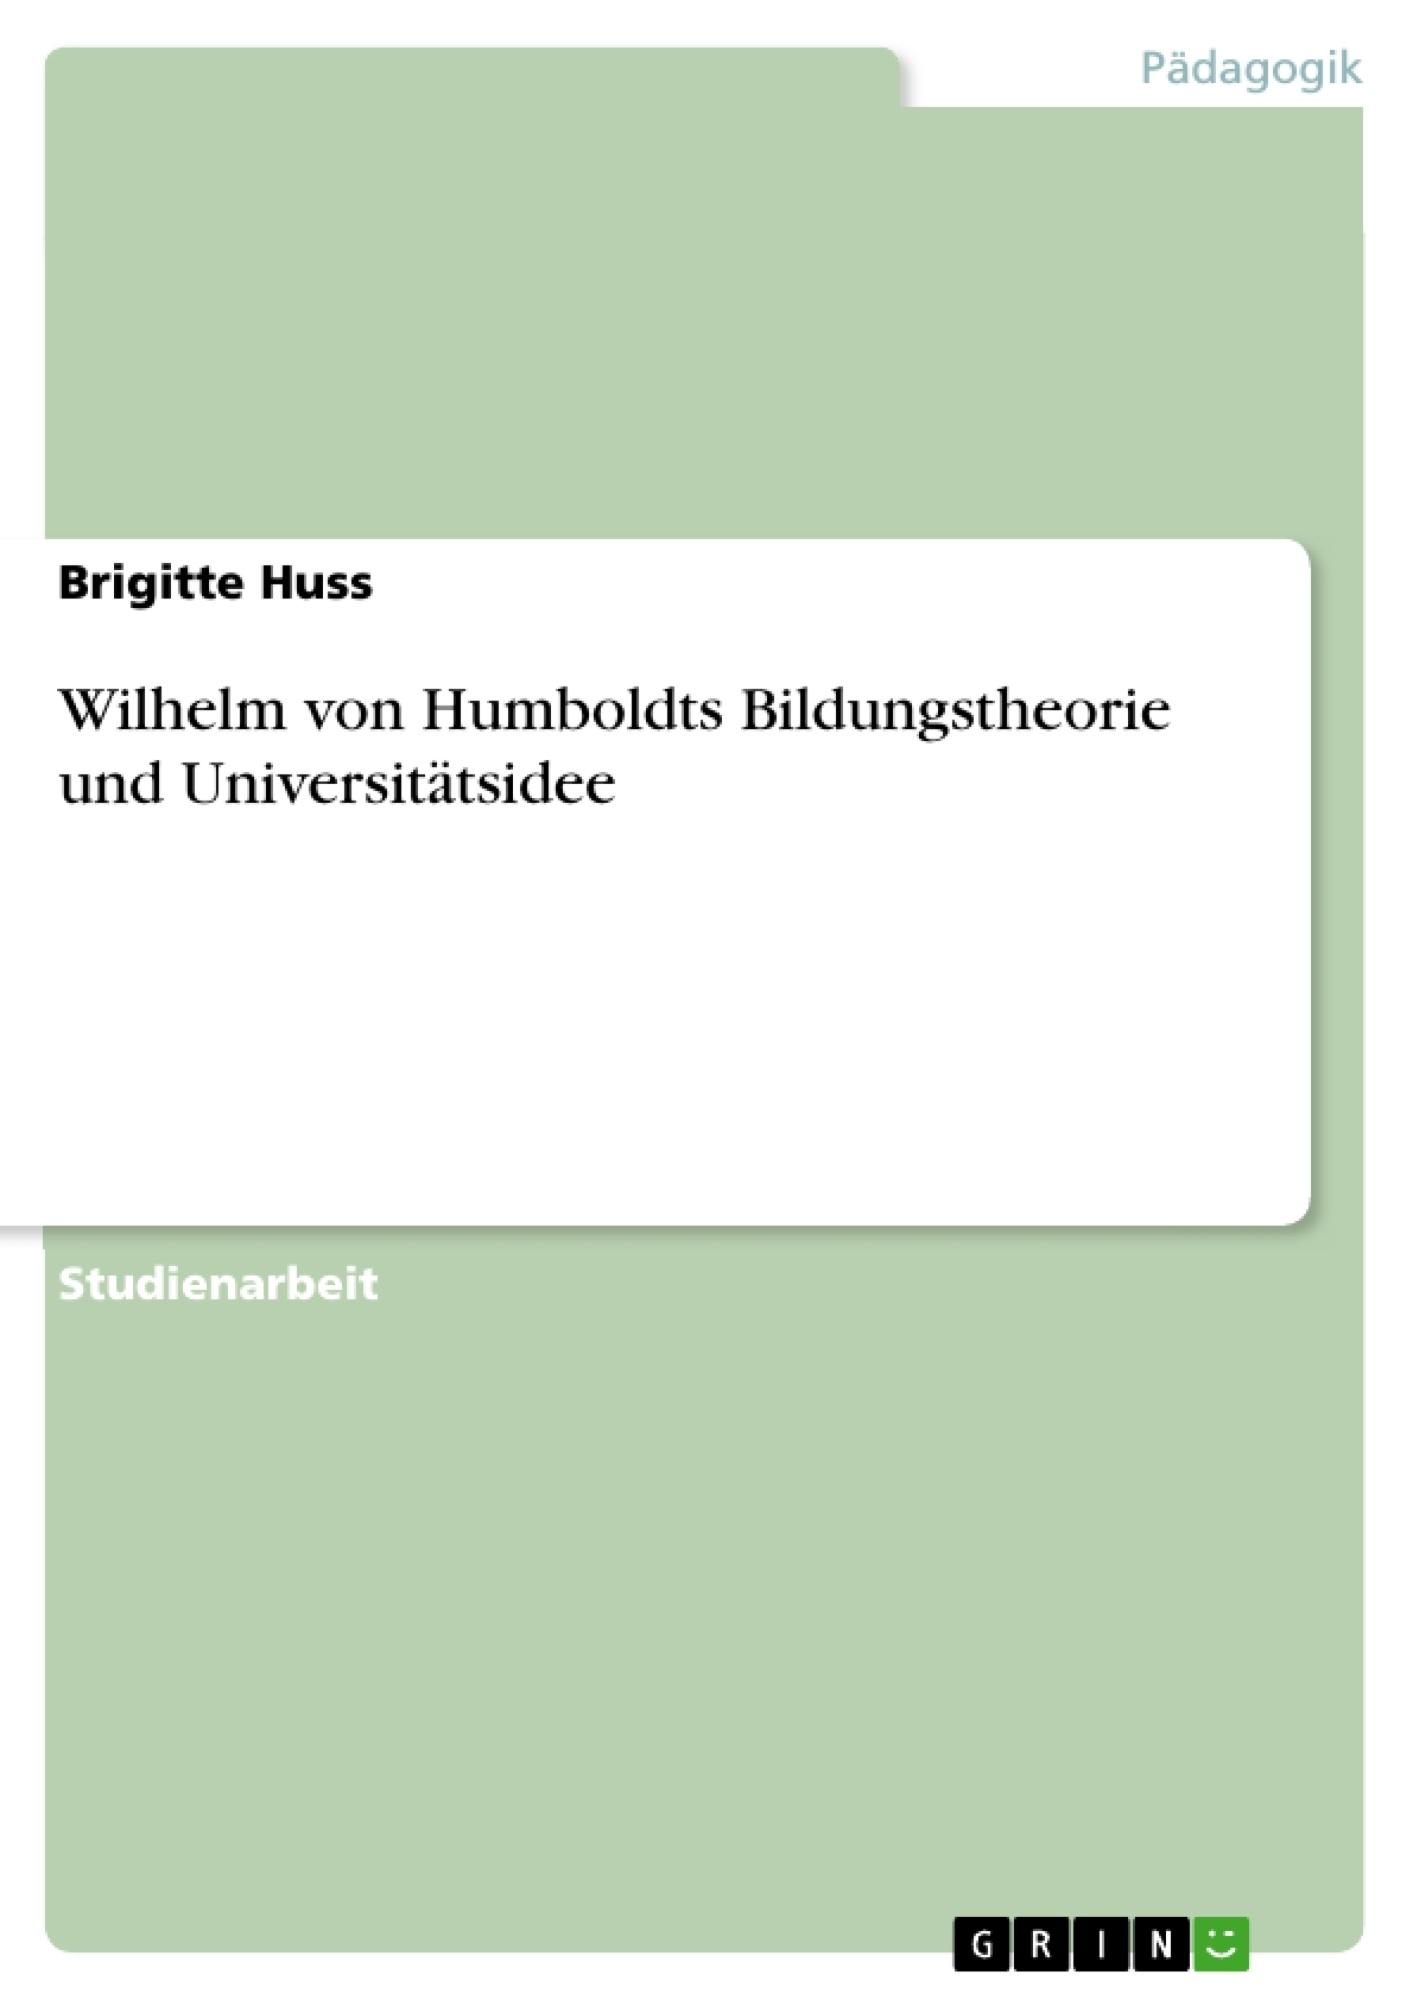 Titel: Wilhelm von Humboldts Bildungstheorie und Universitätsidee